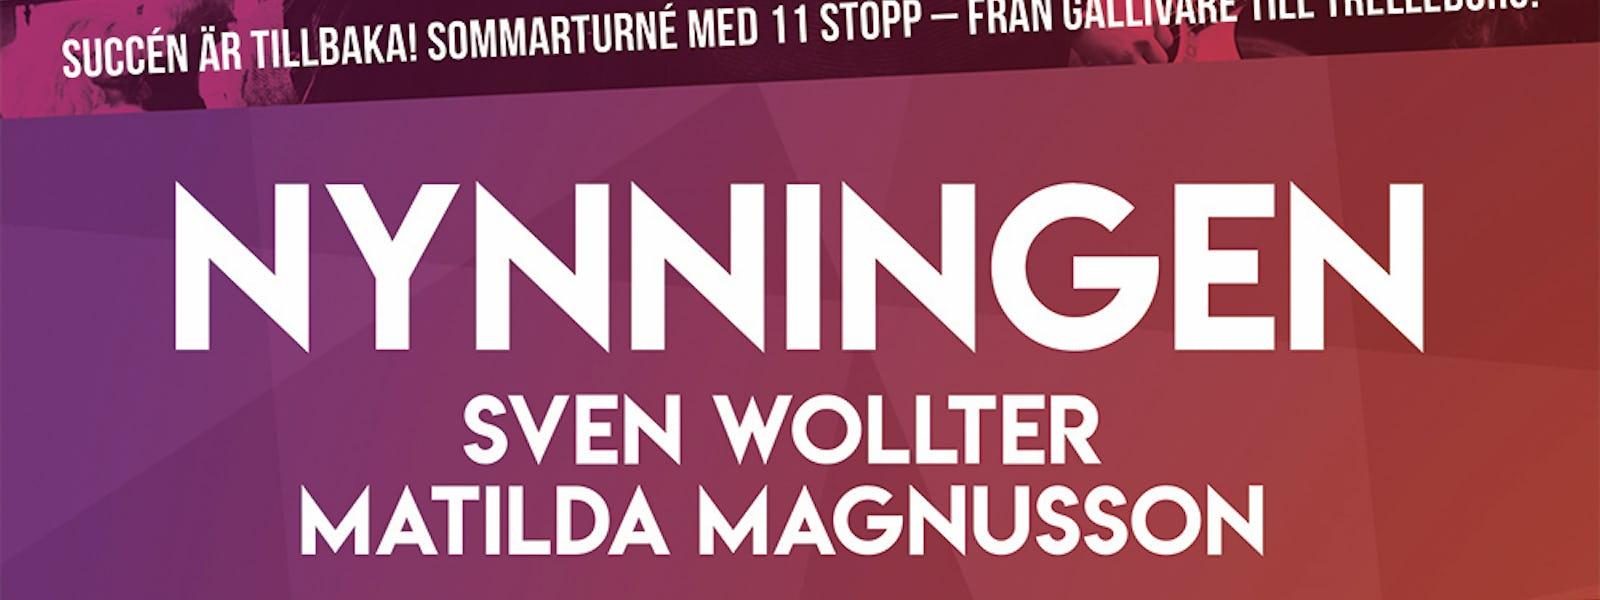 Bild - Nynningen, Sven Wollter och Matilda Magnusson